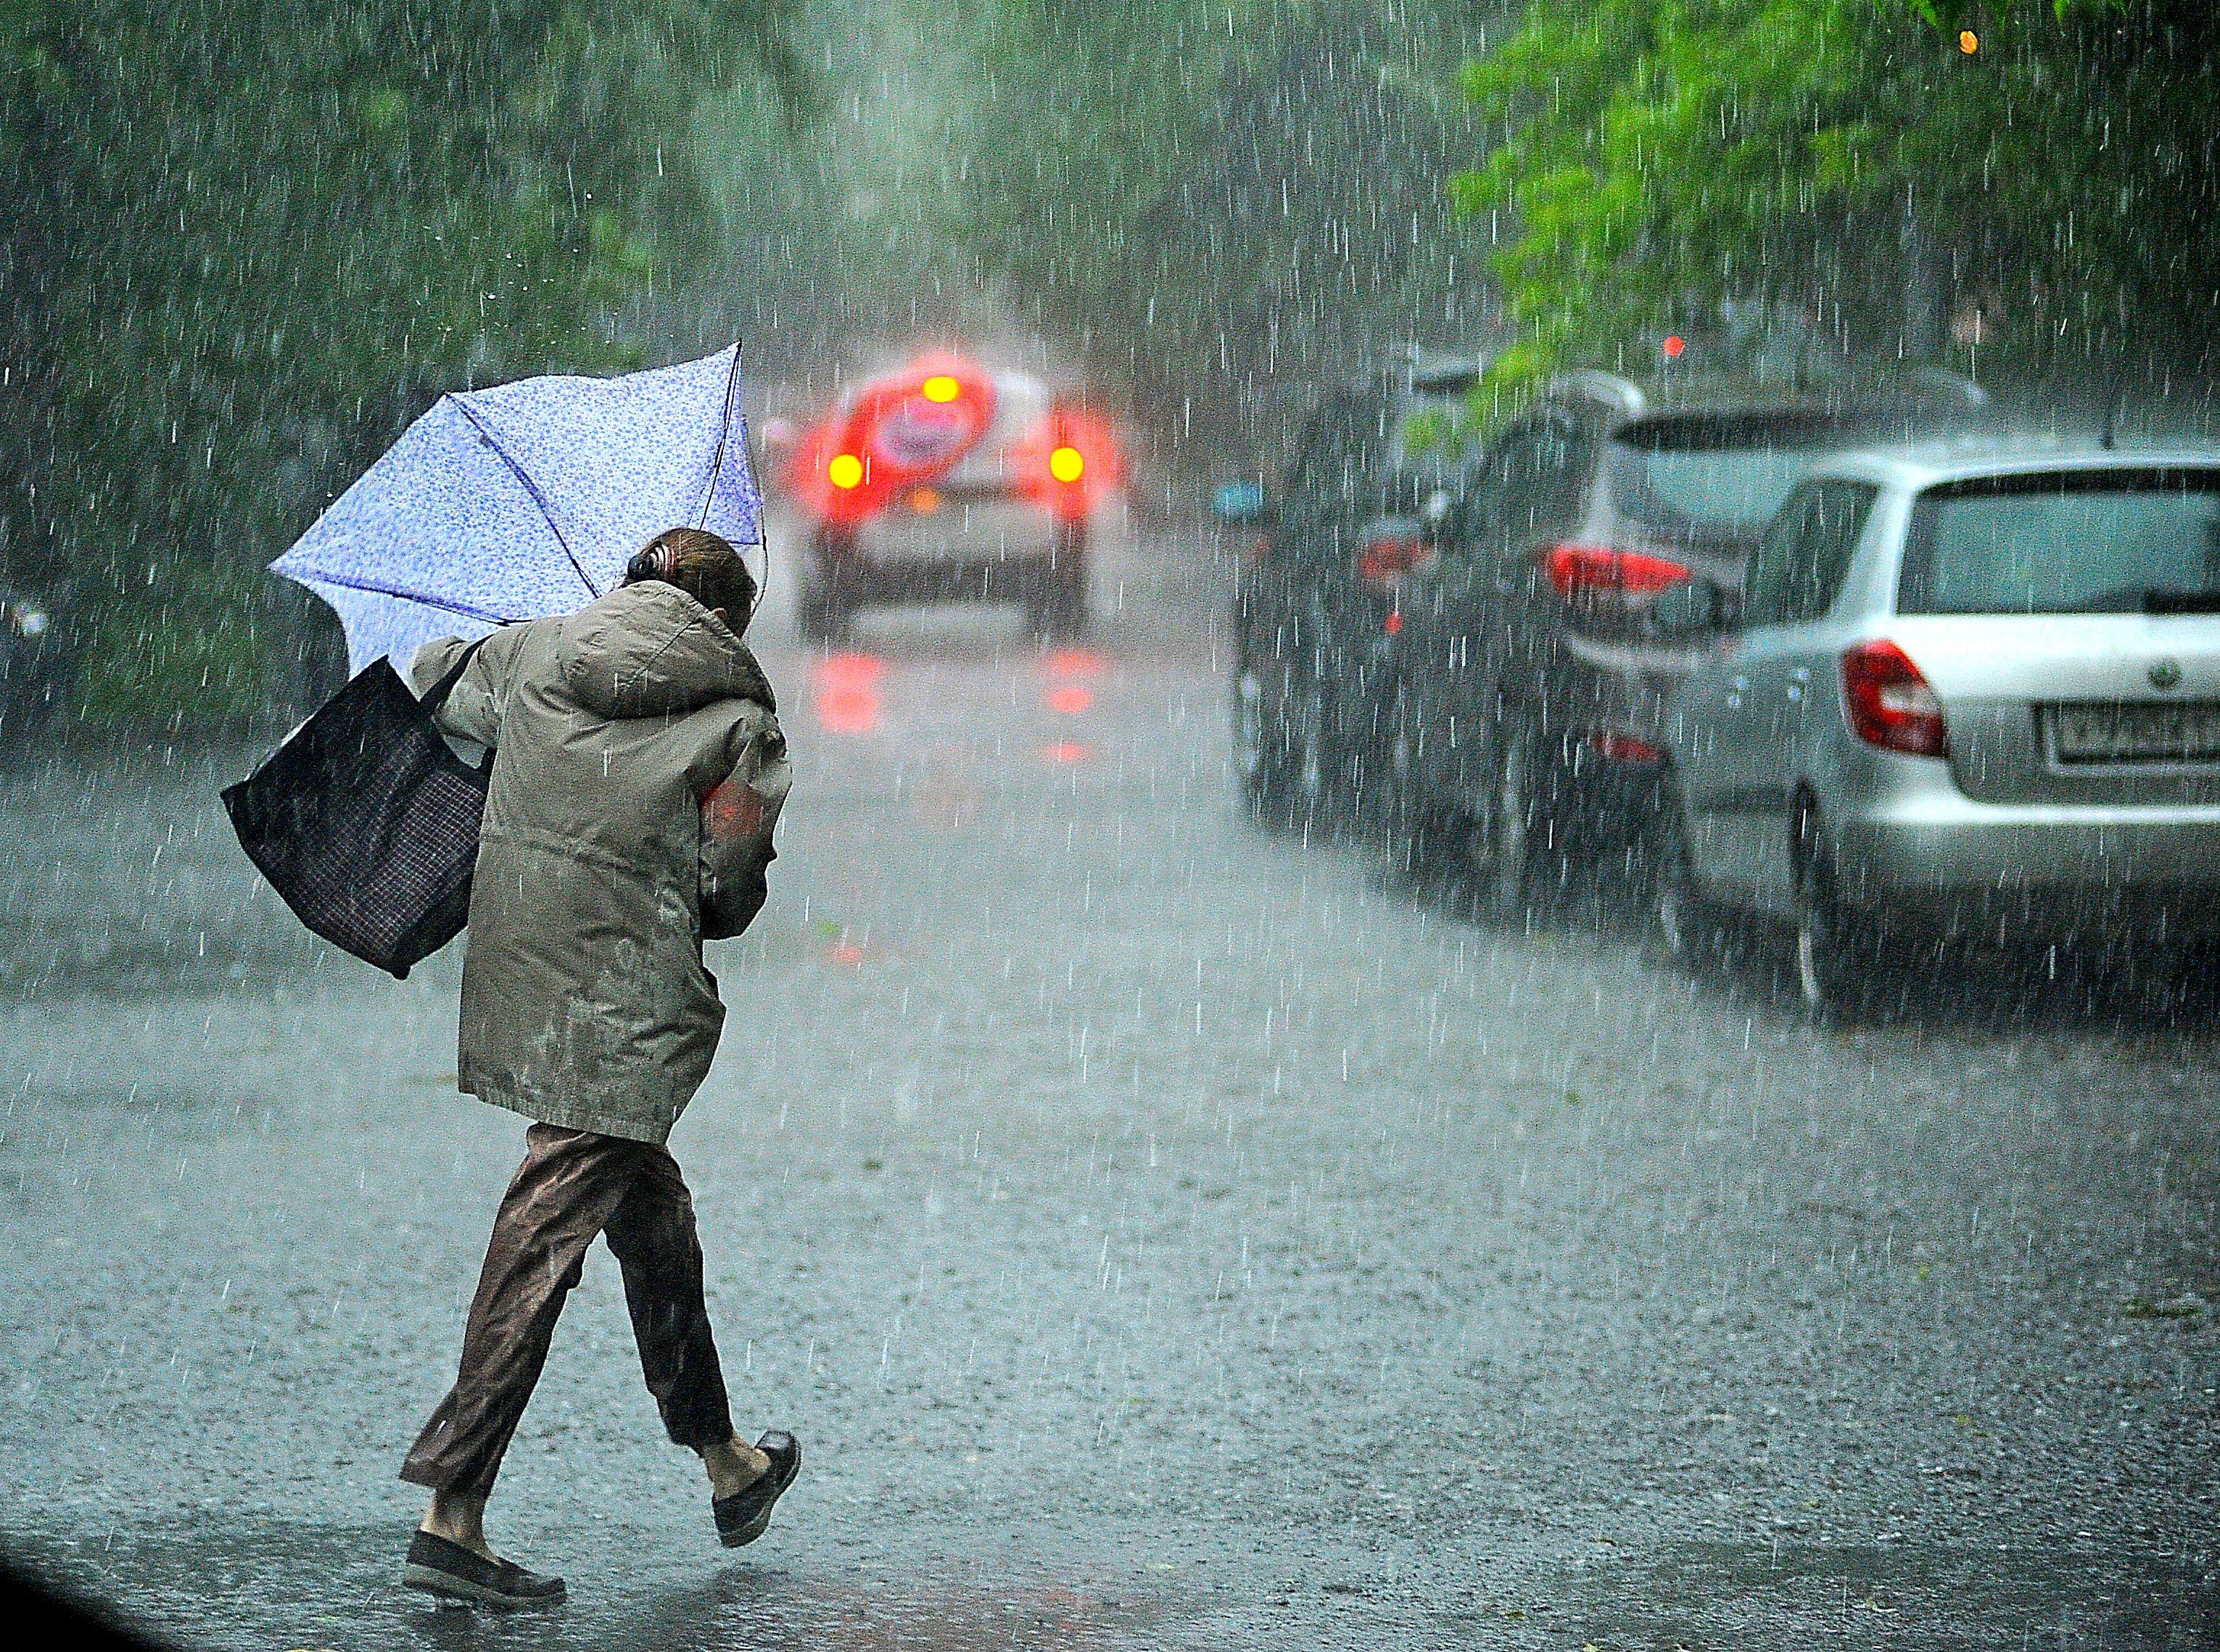 Москвичей предупредили о сильных дождях